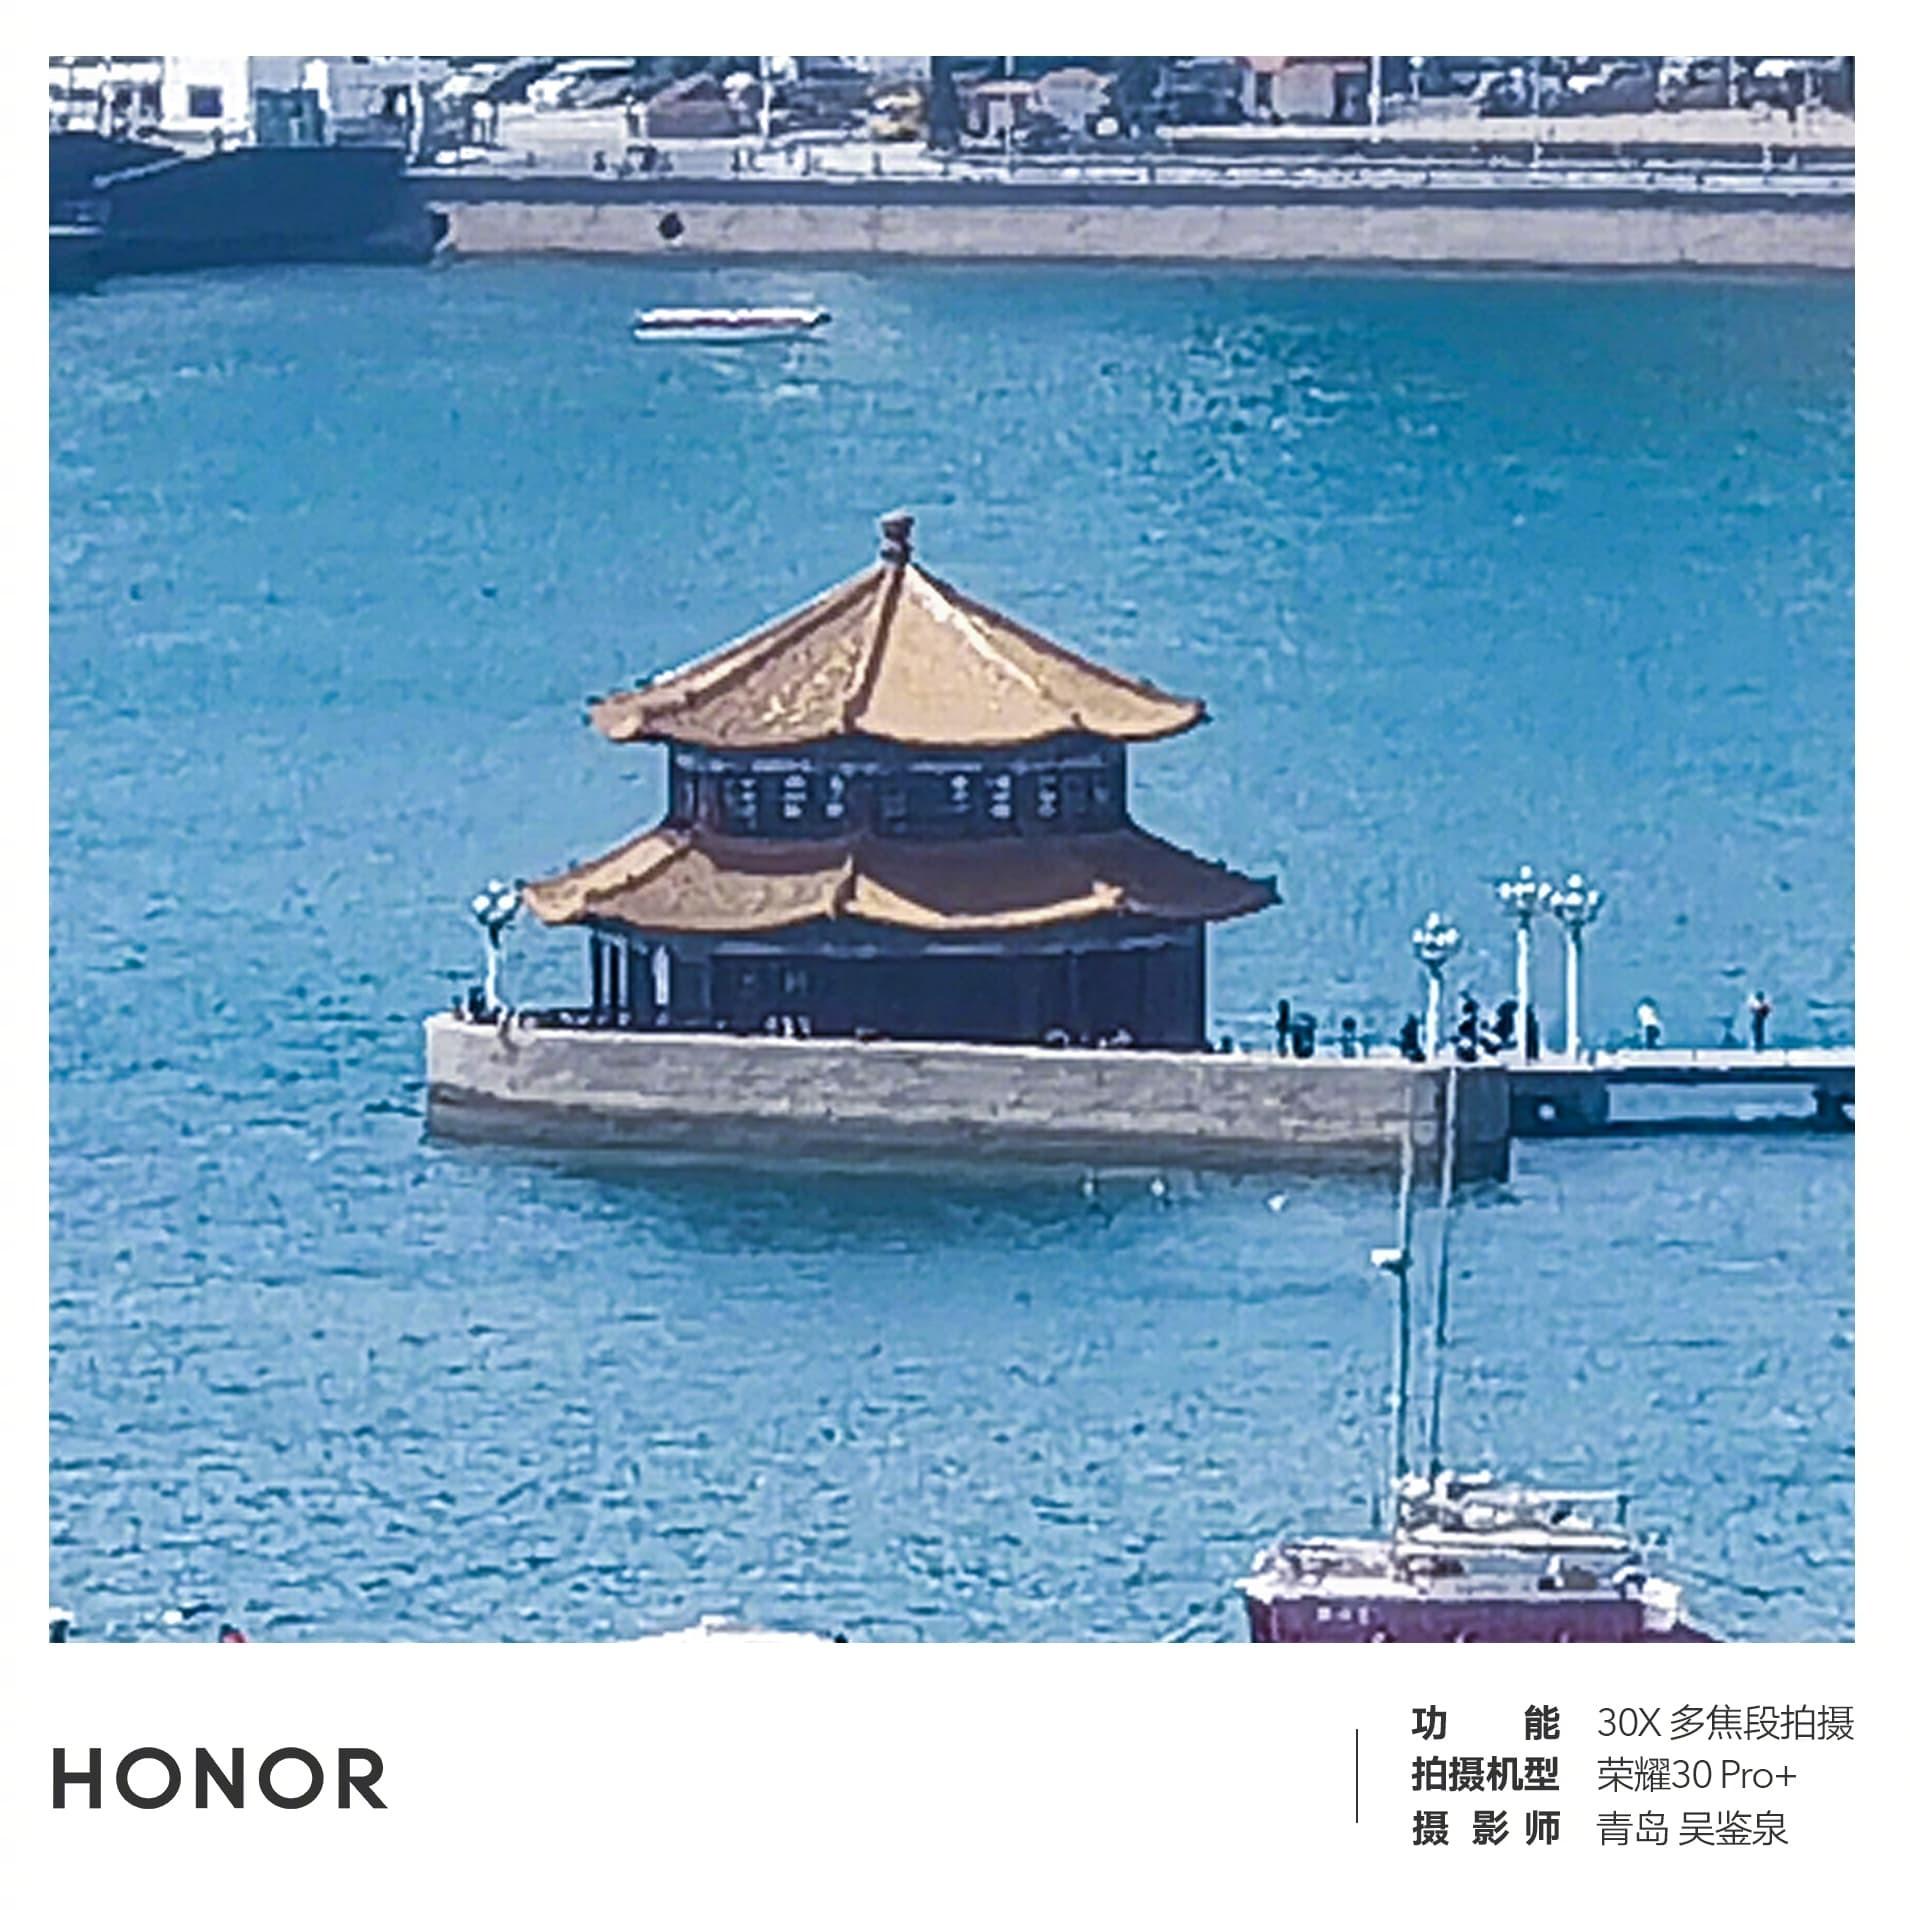 Honor 30 Pro + 30x Zoom